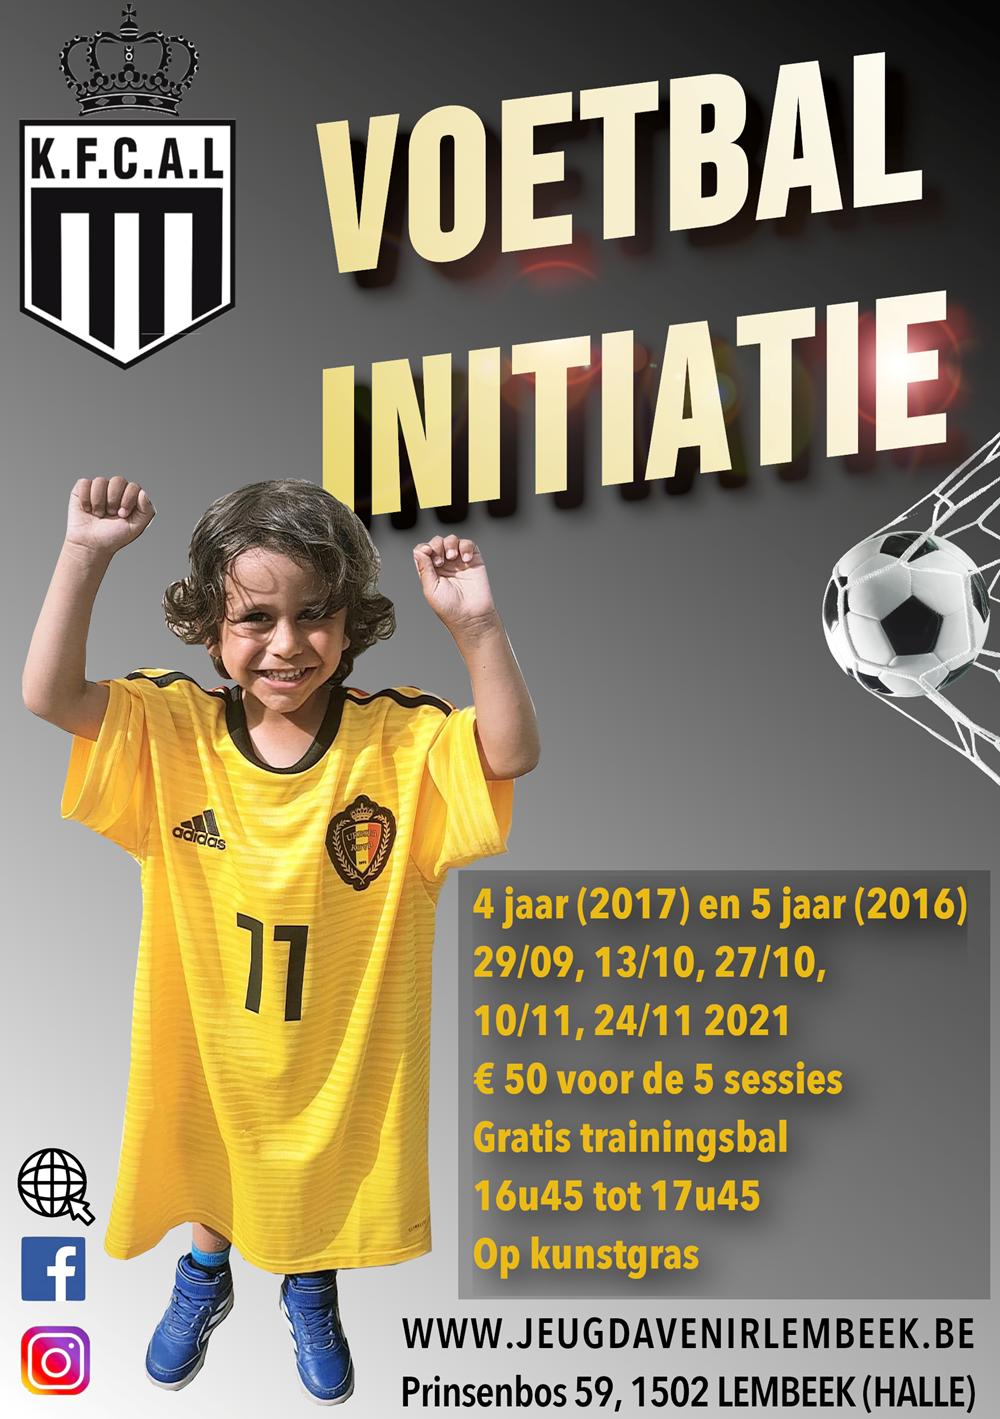 Initiatie_voetbal_2021_achterzijde.png